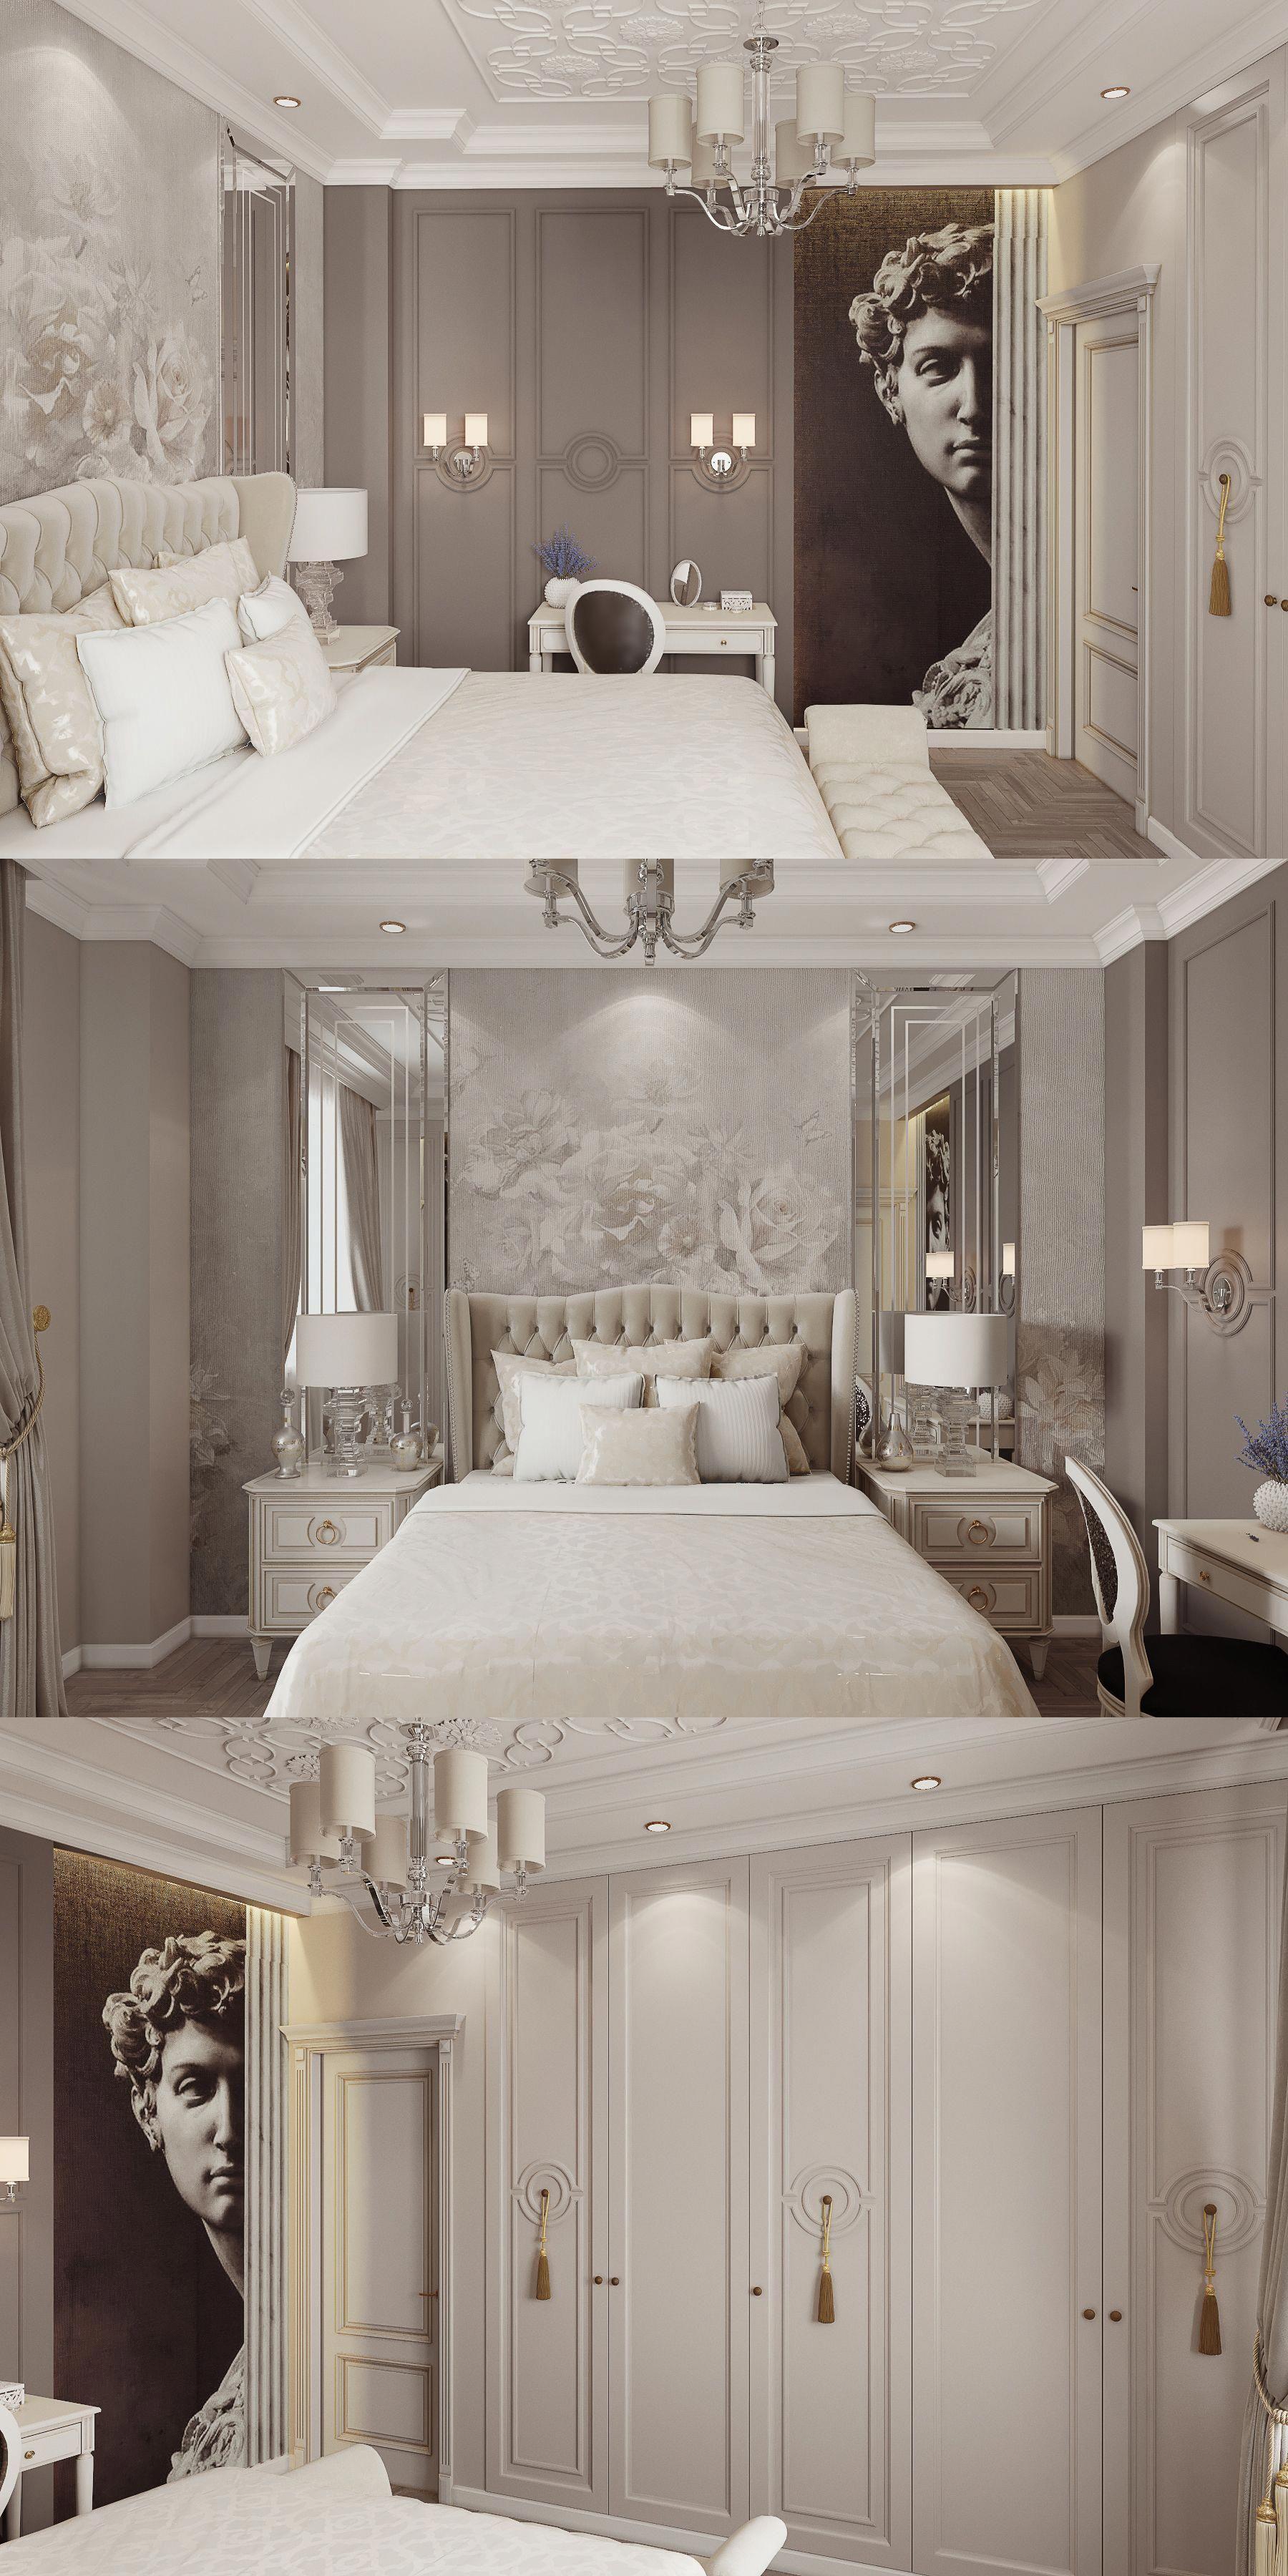 Barock Schlafzimmer 030 120 276 22 Luxusschlafzimmer Zimmer